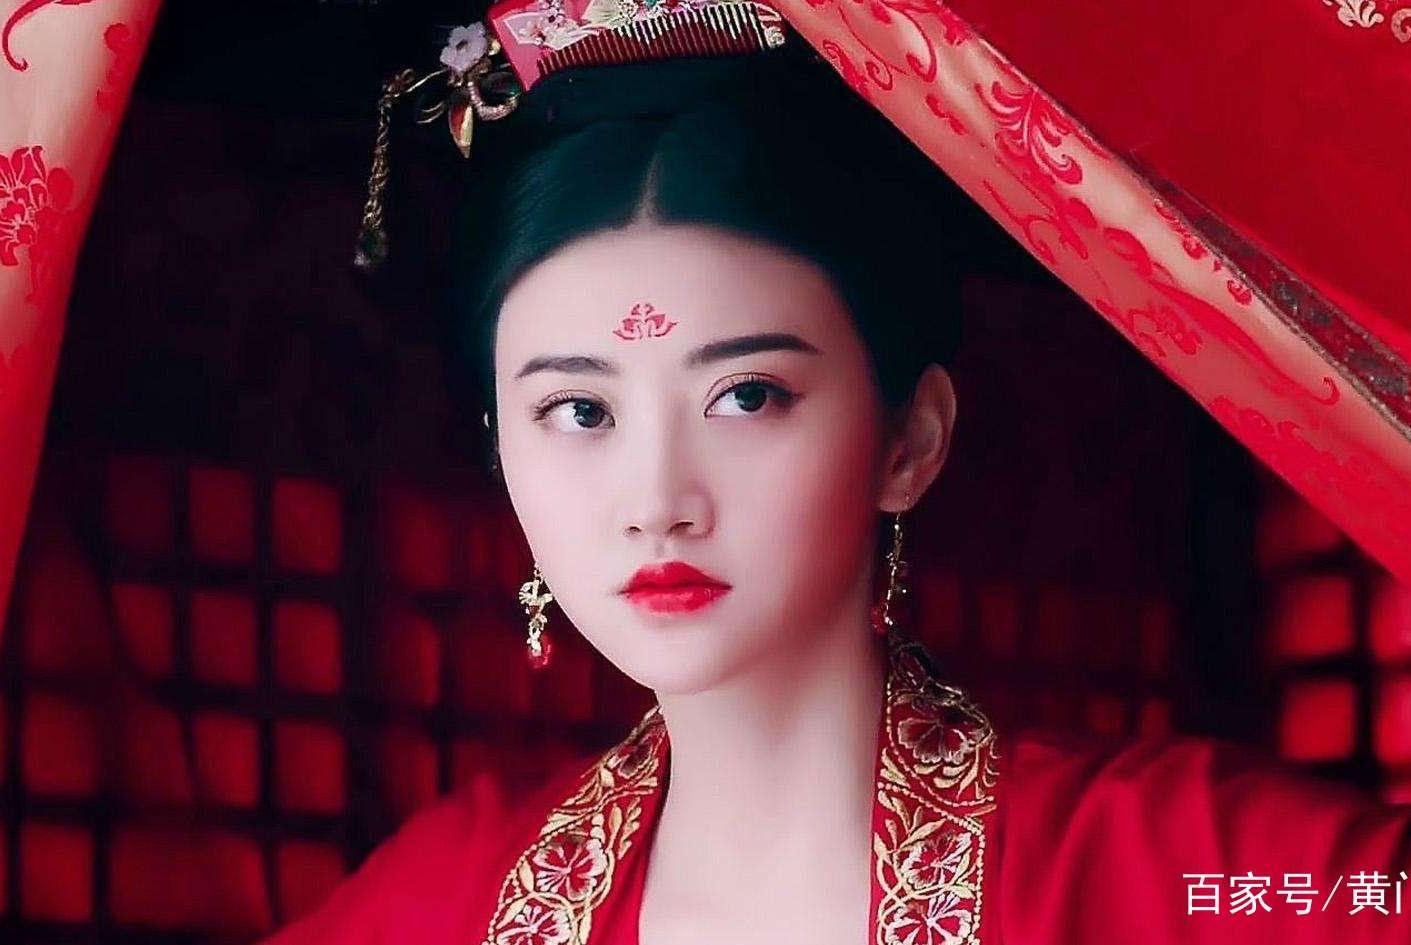 古代女子出嫁需要哪些嫁妆?压箱底的东西最让人尴尬